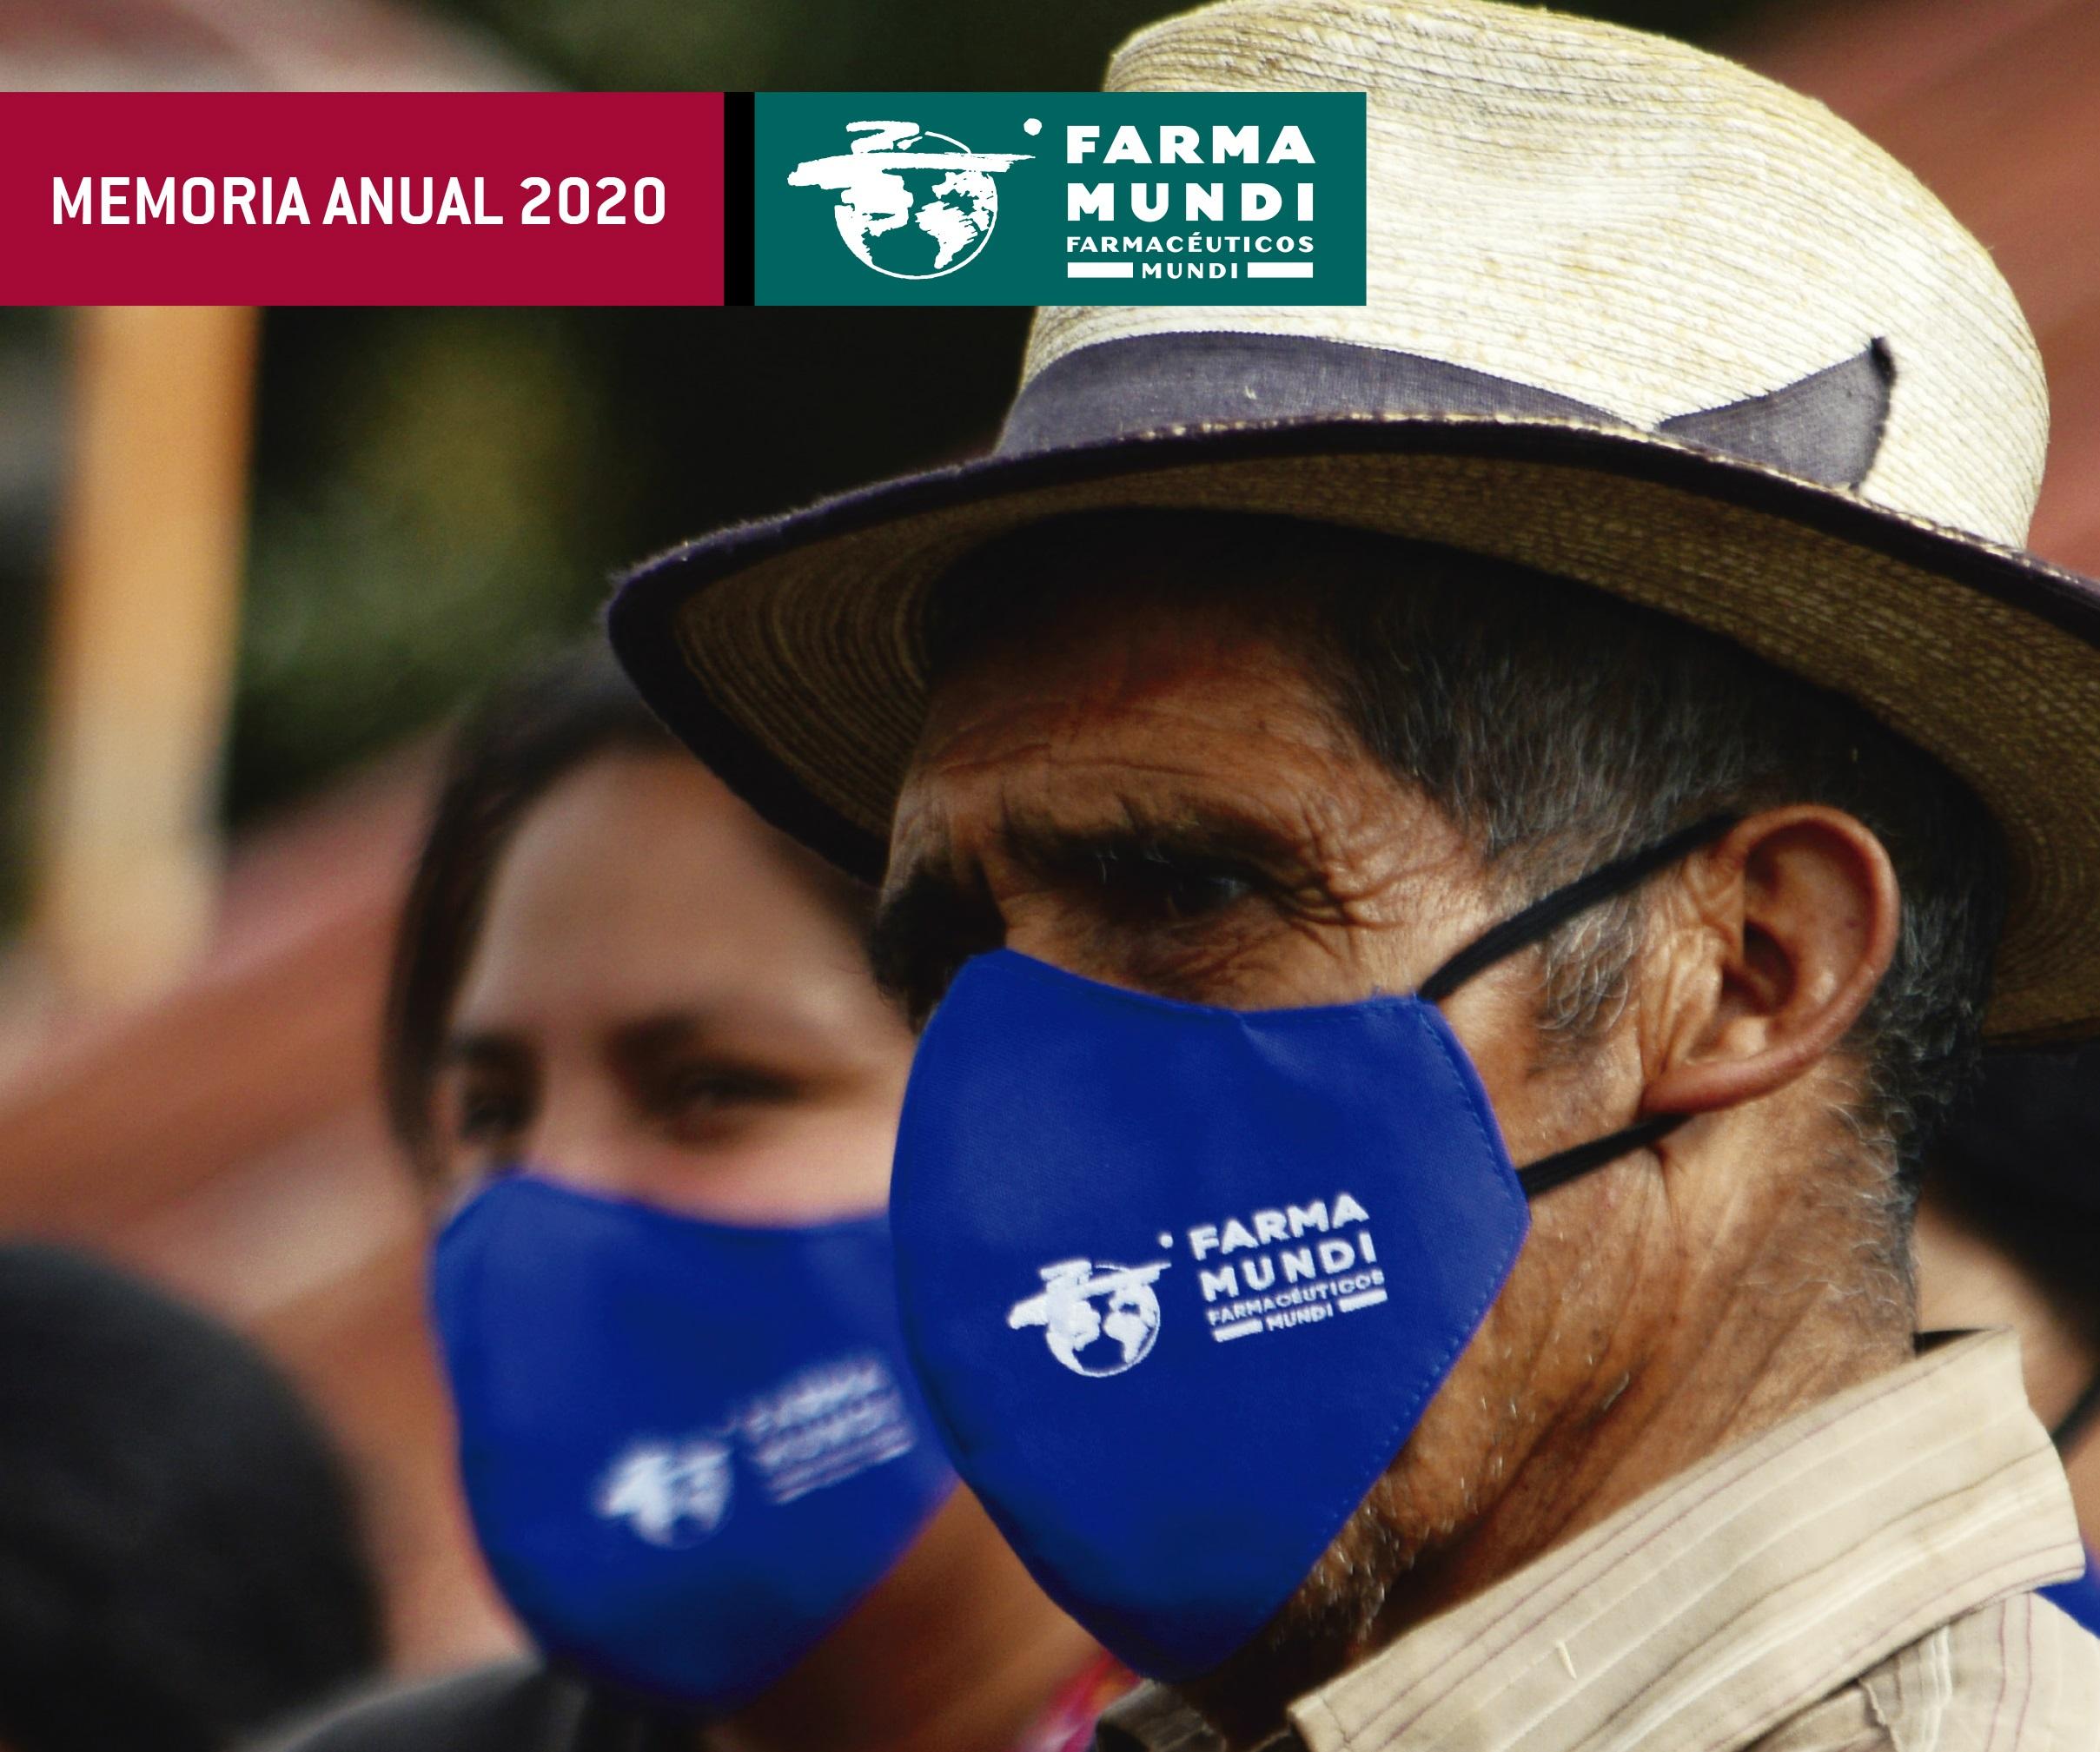 MEMORIA 2020 | Distribuimos más de 90 toneladas de medicamentos y EPI para prevenir y frenar el COVID-19